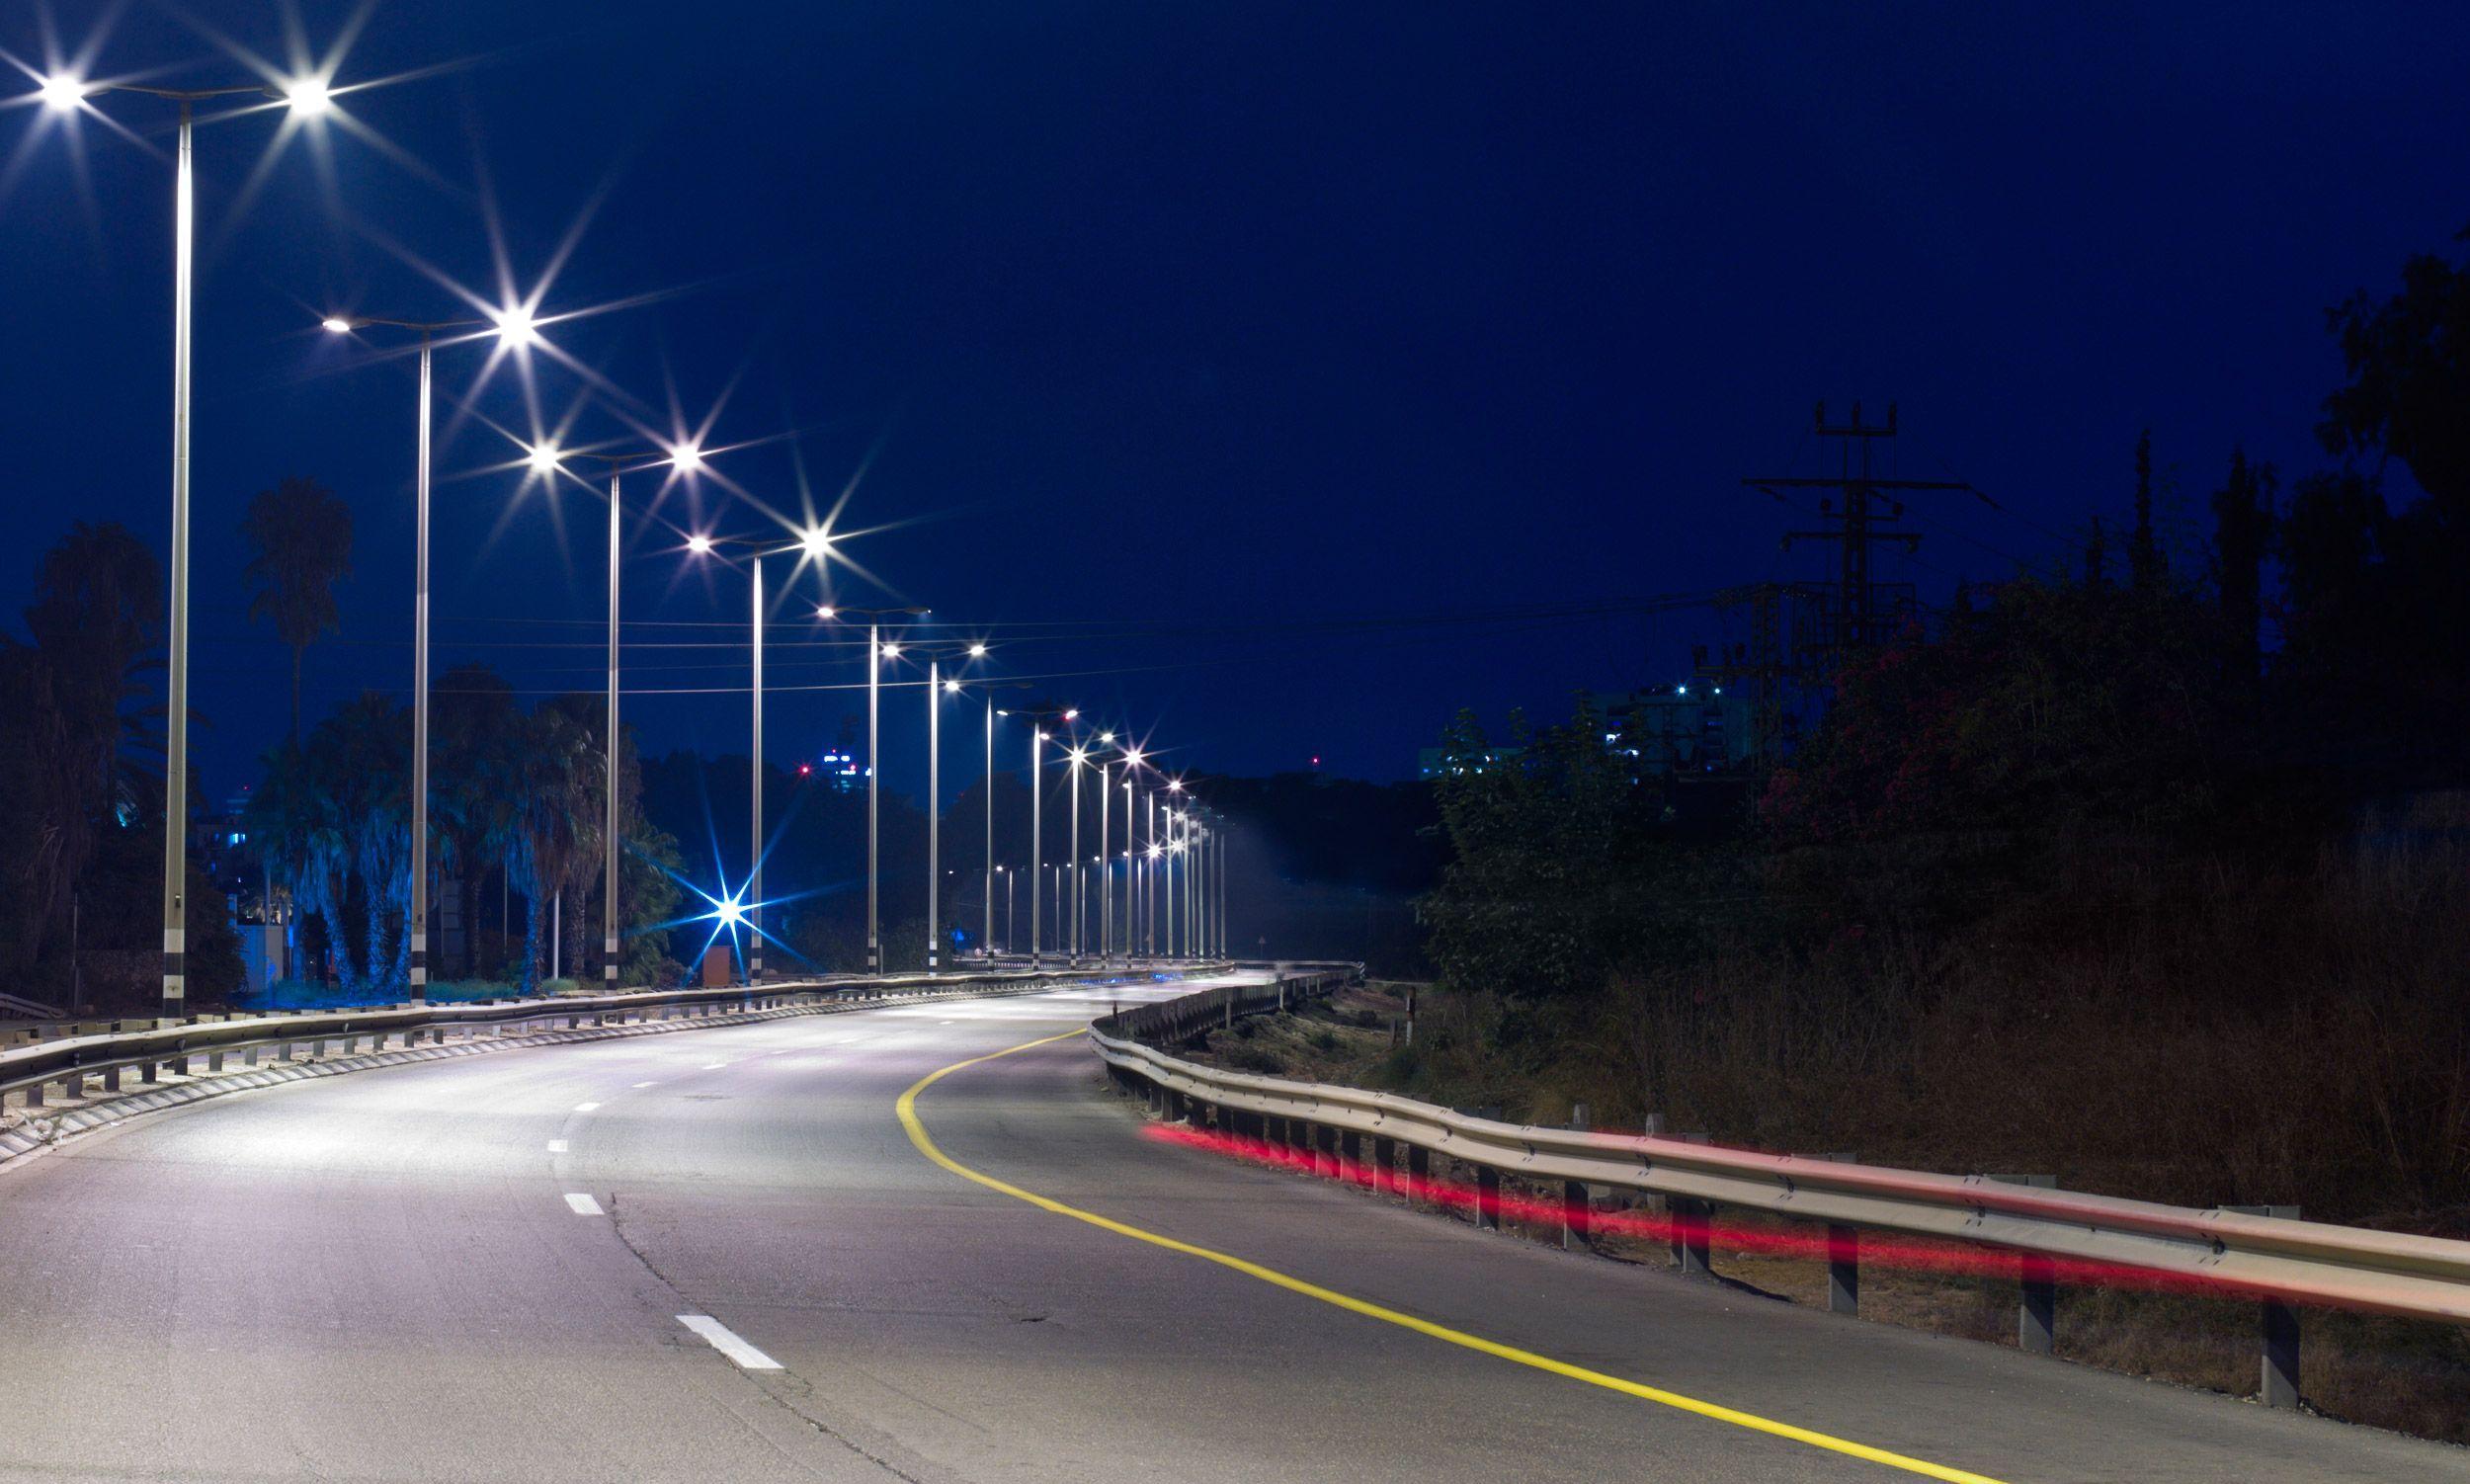 Врачи предупредили о вреде светодиодных уличных фонарей